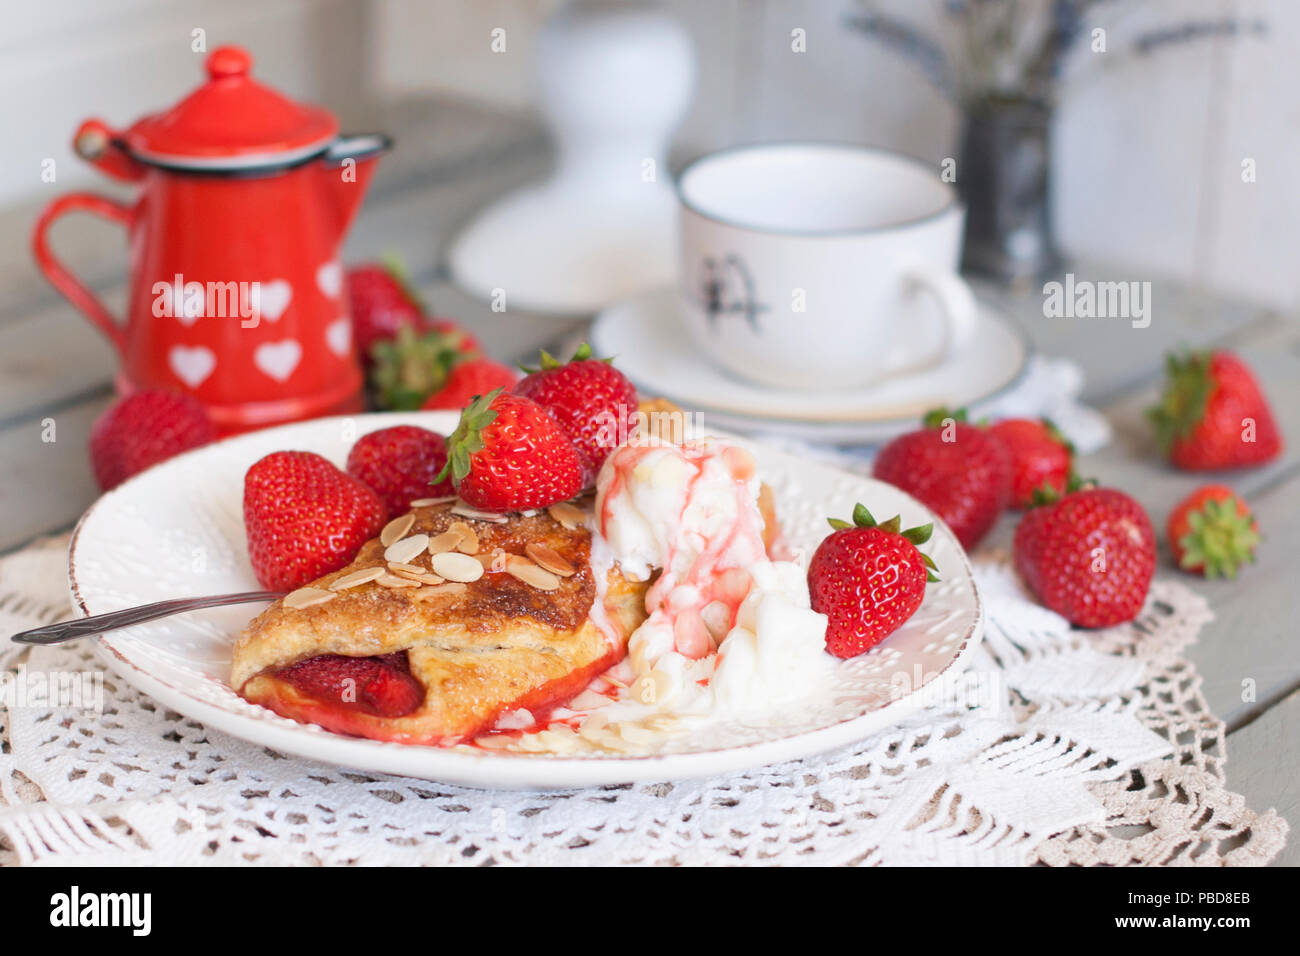 Dolci dolci fatti in casa per la prima colazione. Con ripieno di fragole e gelato. Il caffè del mattino. Caraffa di rosso con latte. lattaio. Una tazza di tè. family Colazione. Foto a colori in bianco Immagini Stock